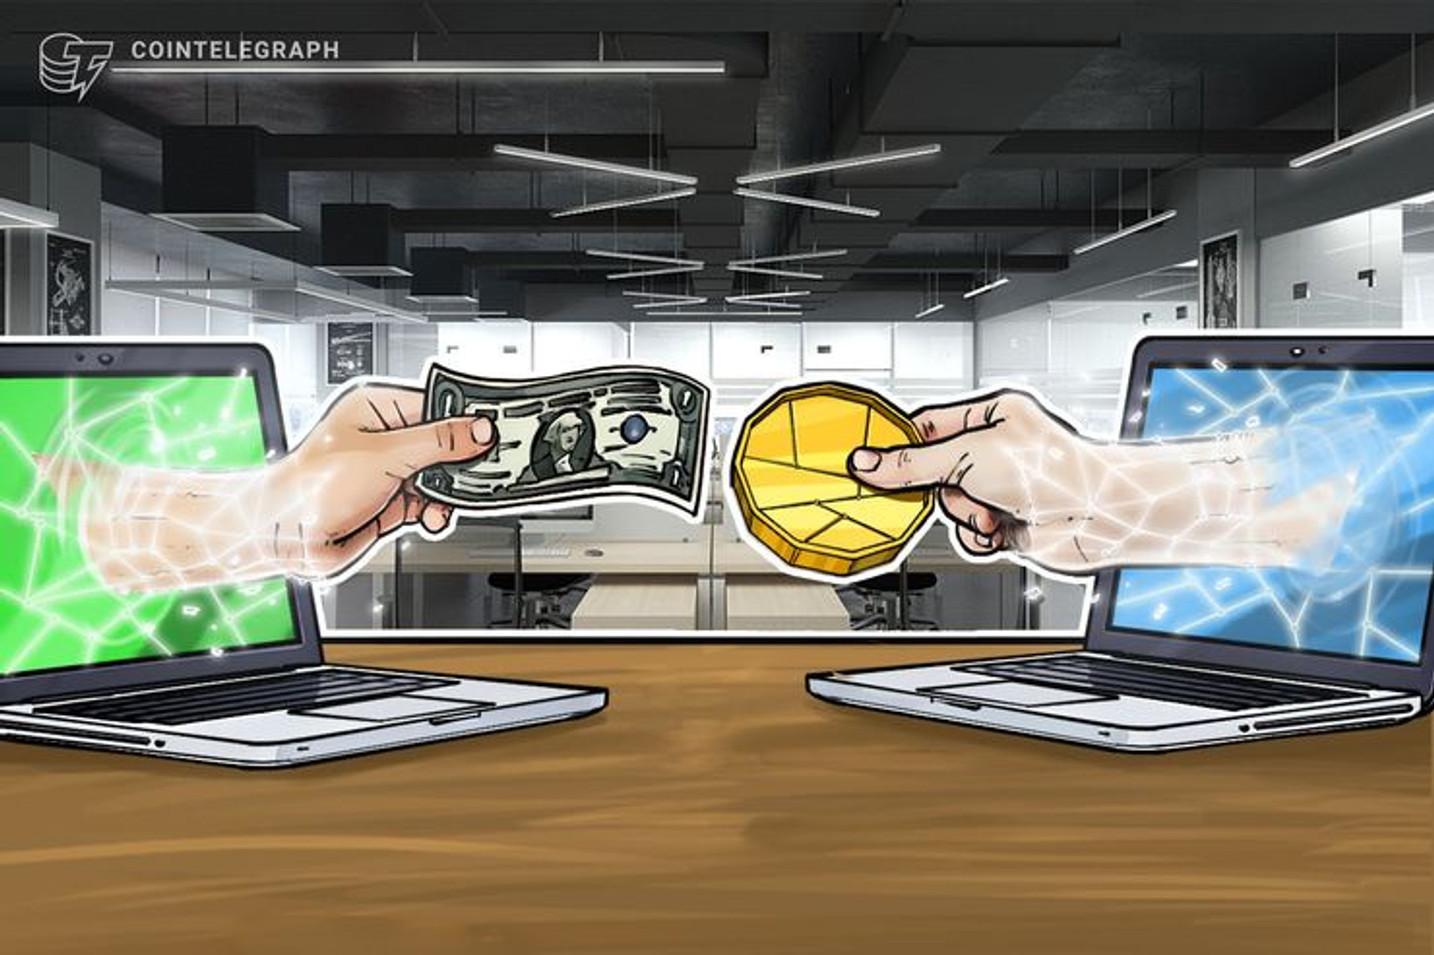 Casa de câmbio brasileira passa a aceitar Bitcoin para compra de Dólar no Rio de Janeiro e em São Paulo